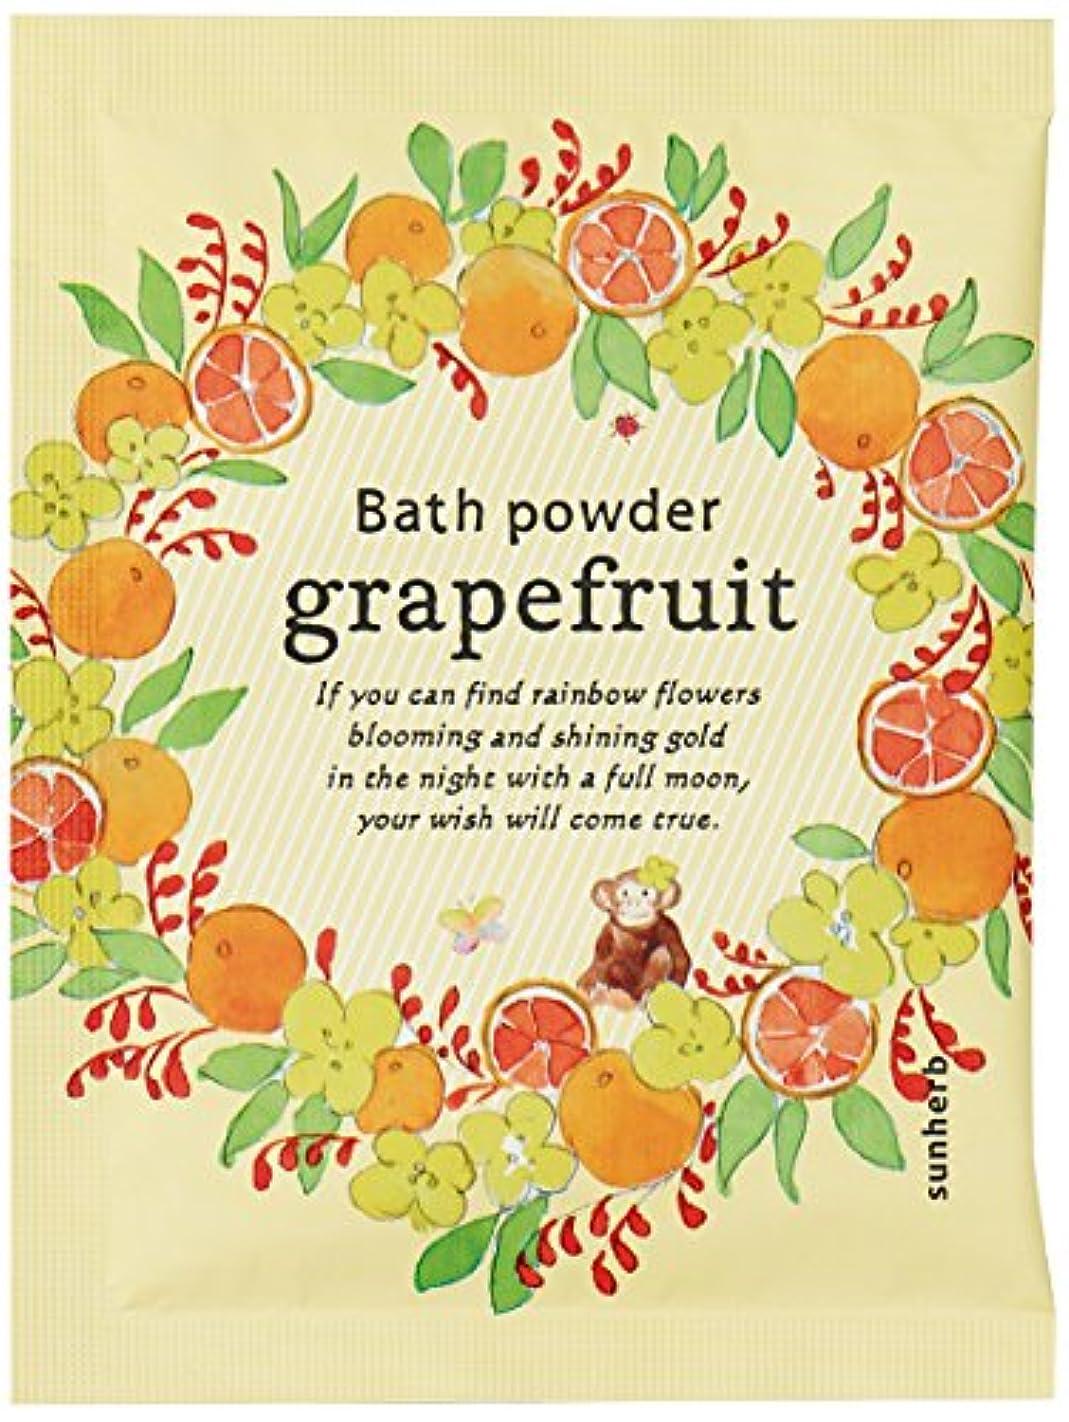 花弁美容師測定サンハーブ バスパウダー25g グレープフルーツ 12個(しっとりミルキータイプの入浴料 シャキっとまぶしい柑橘系の香り)